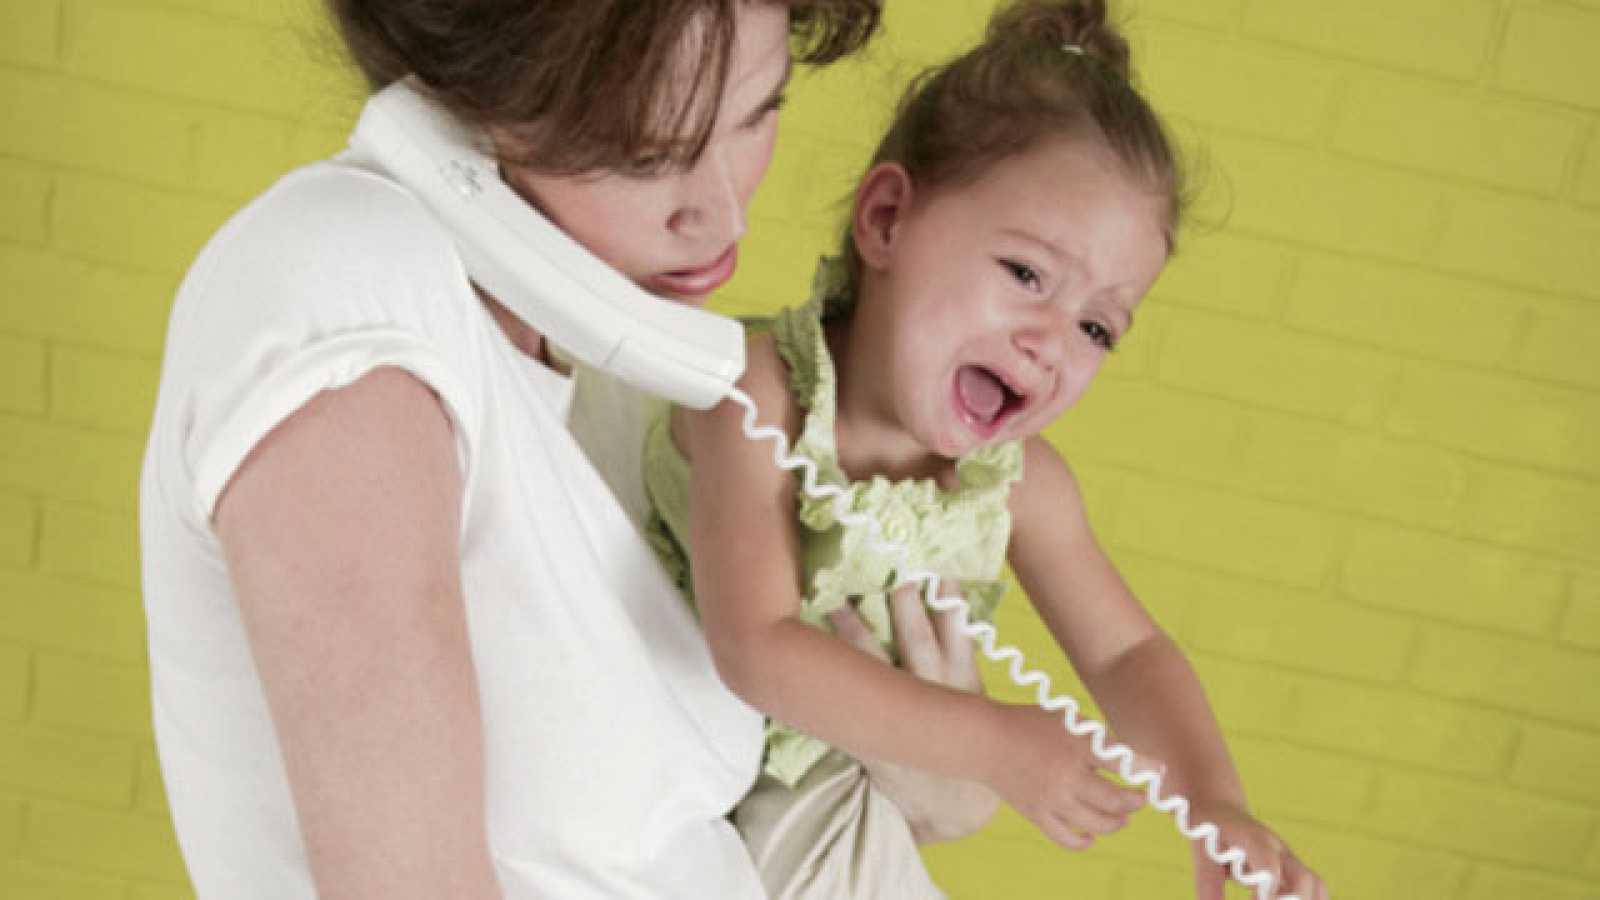 Lletra lligada - Ser mare avui. Creences limitadores